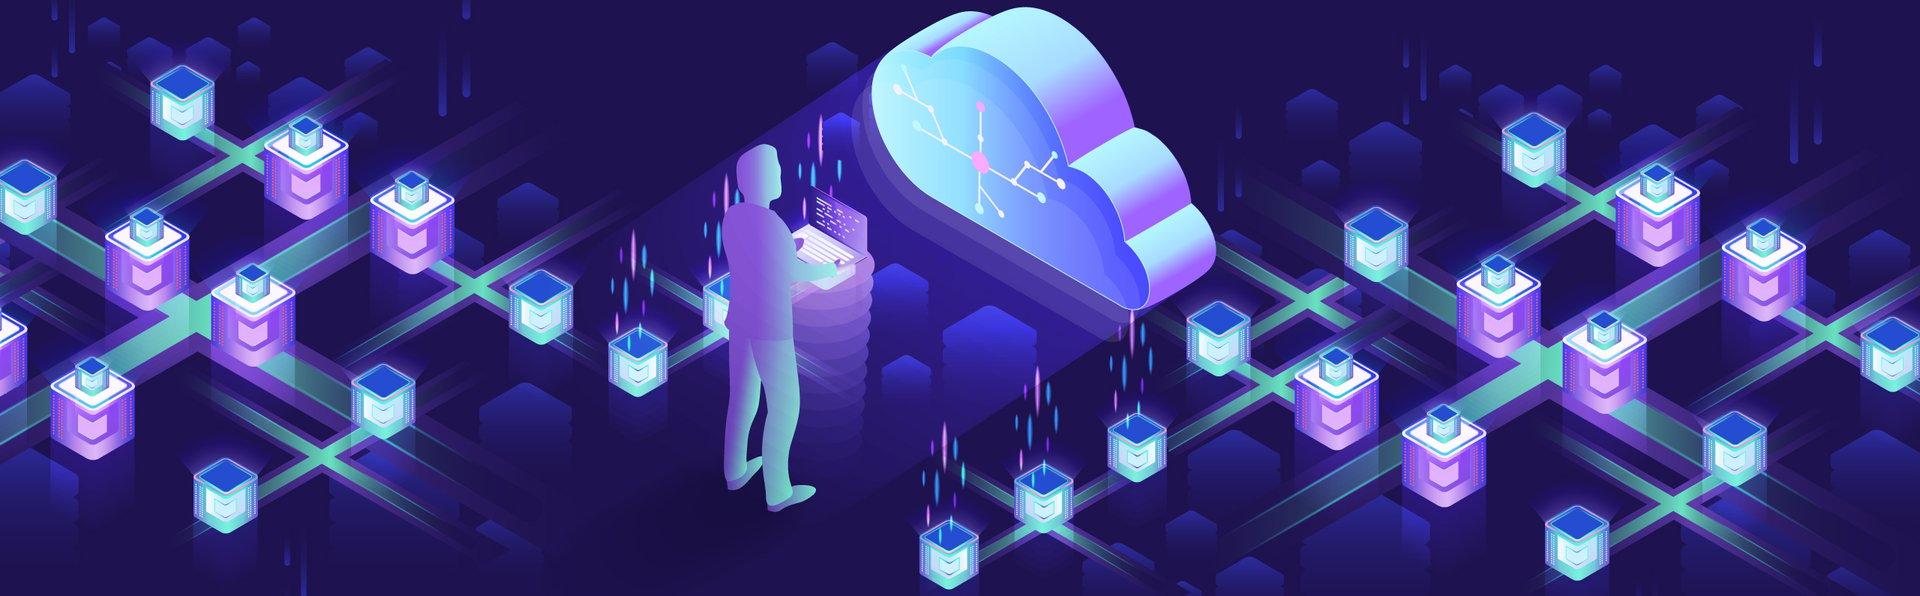 SaaS vs. On-premise Software Sales: IBM's Unique Value Proposition